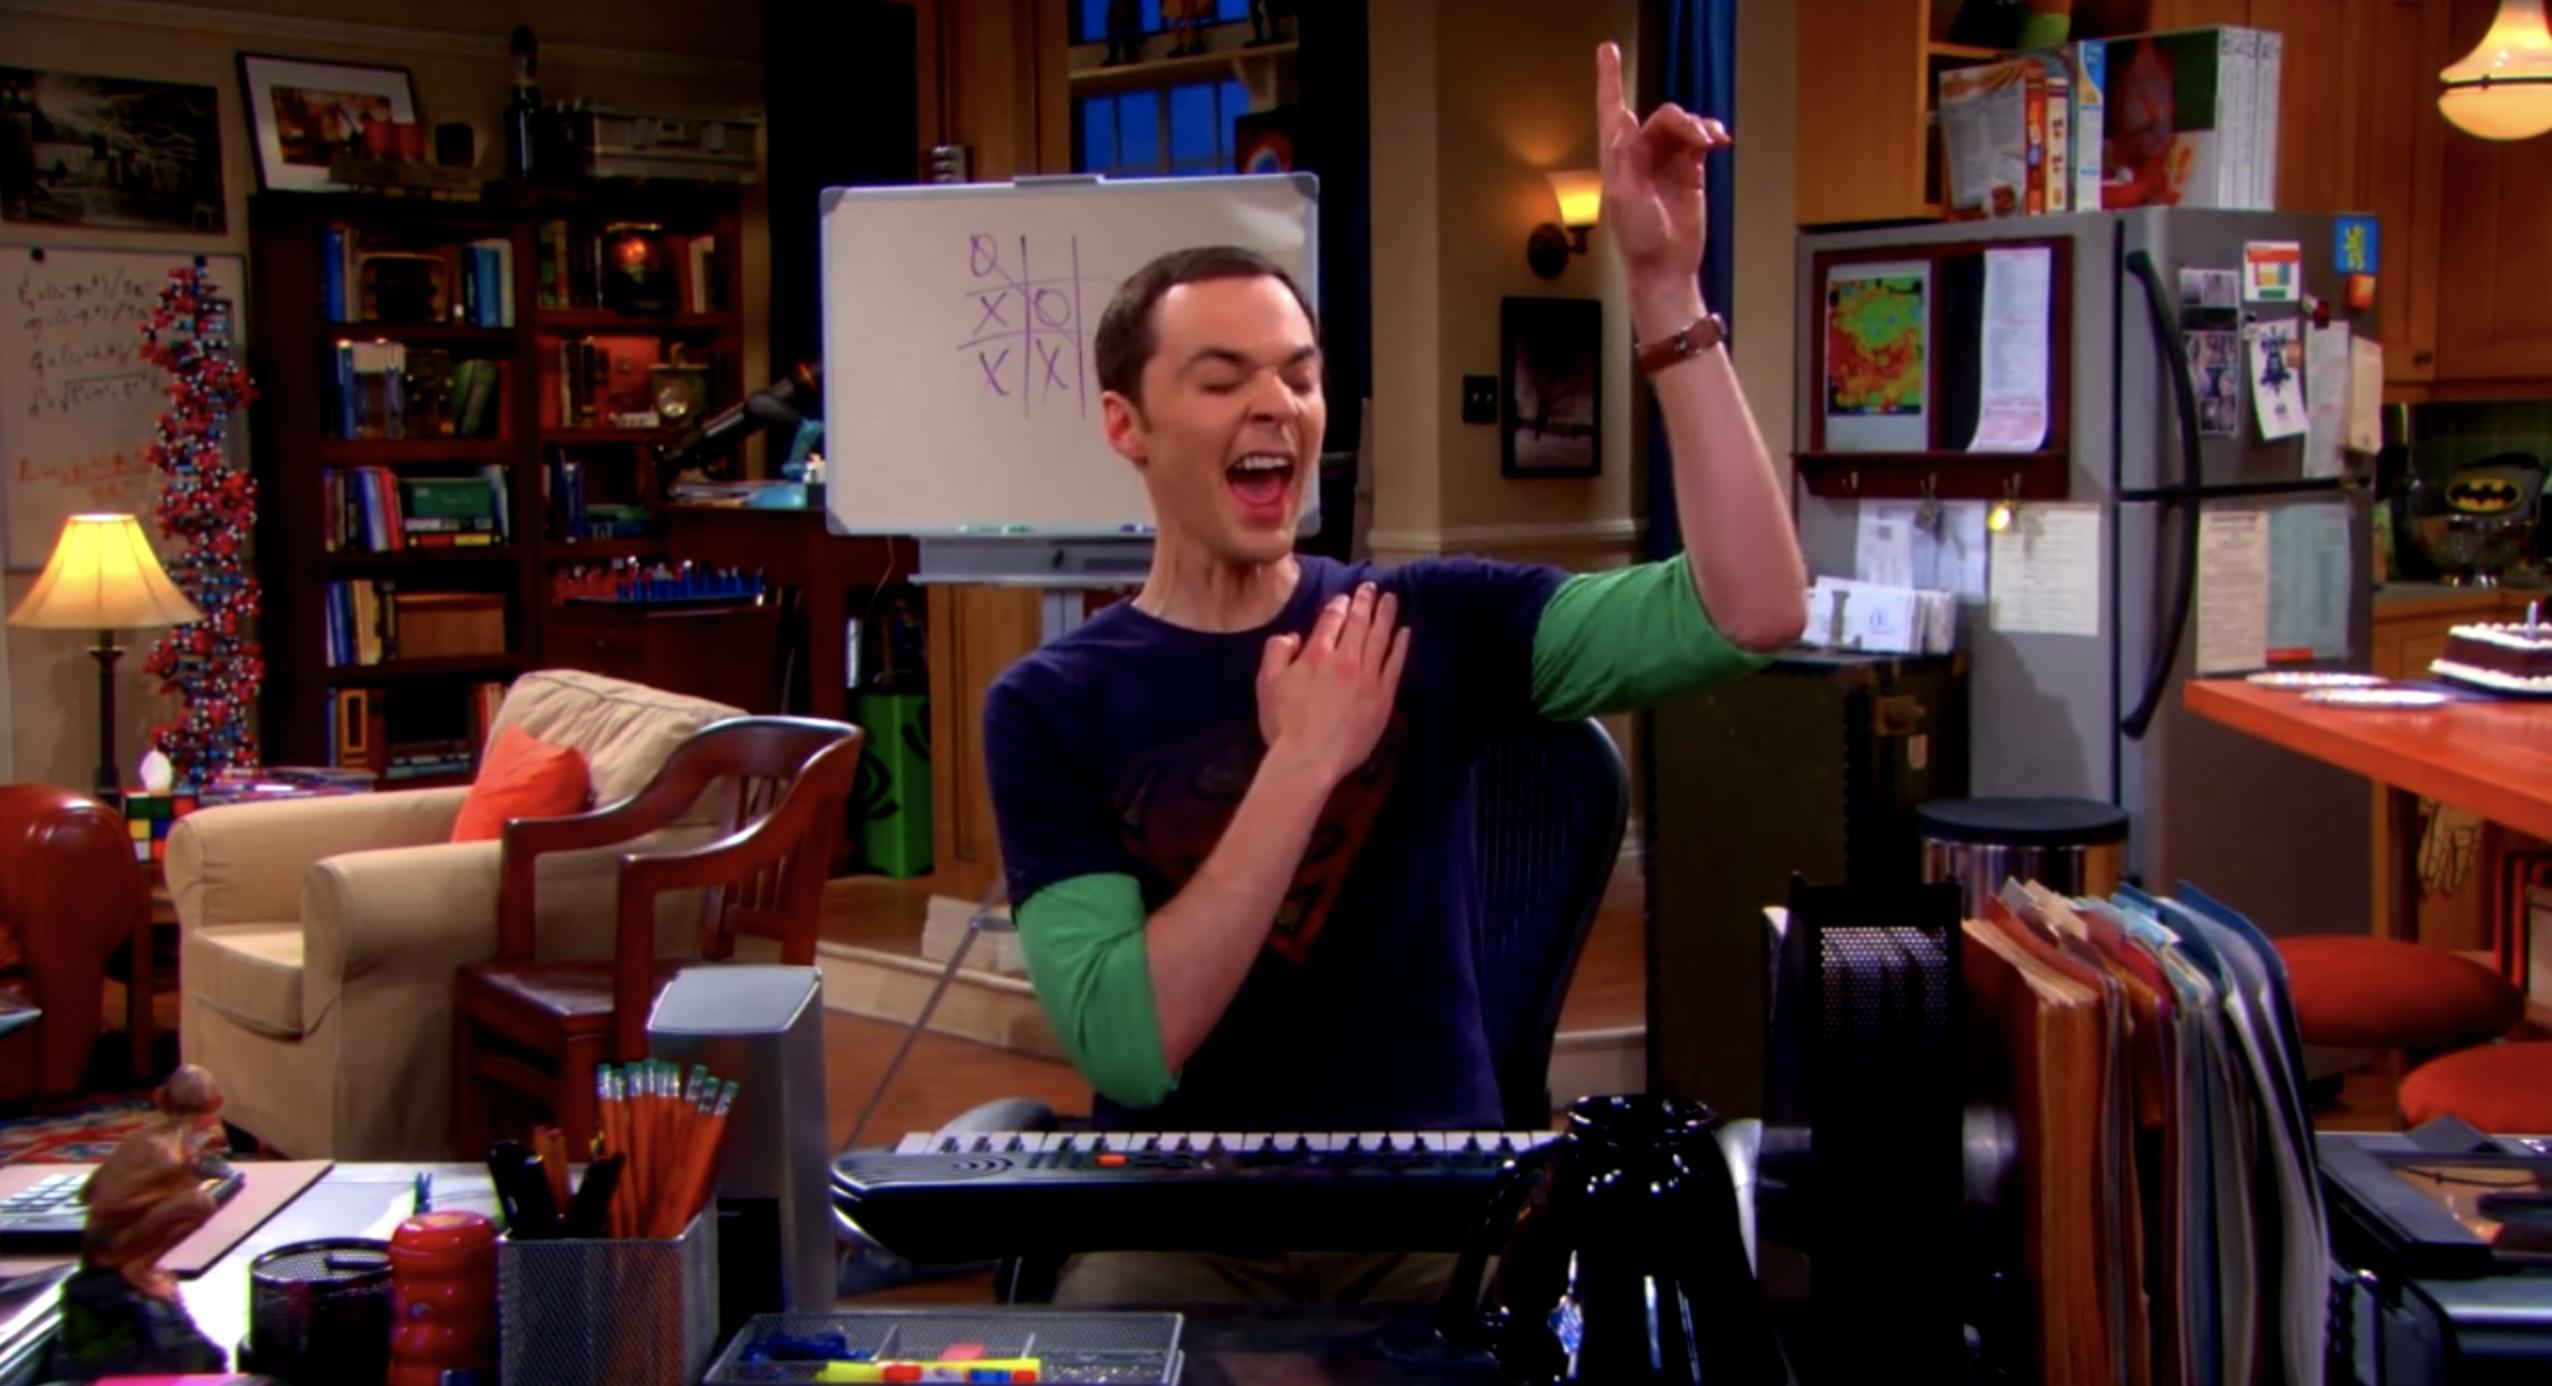 按键太多很麻烦?这个智能指环可以让你用手势操控音乐